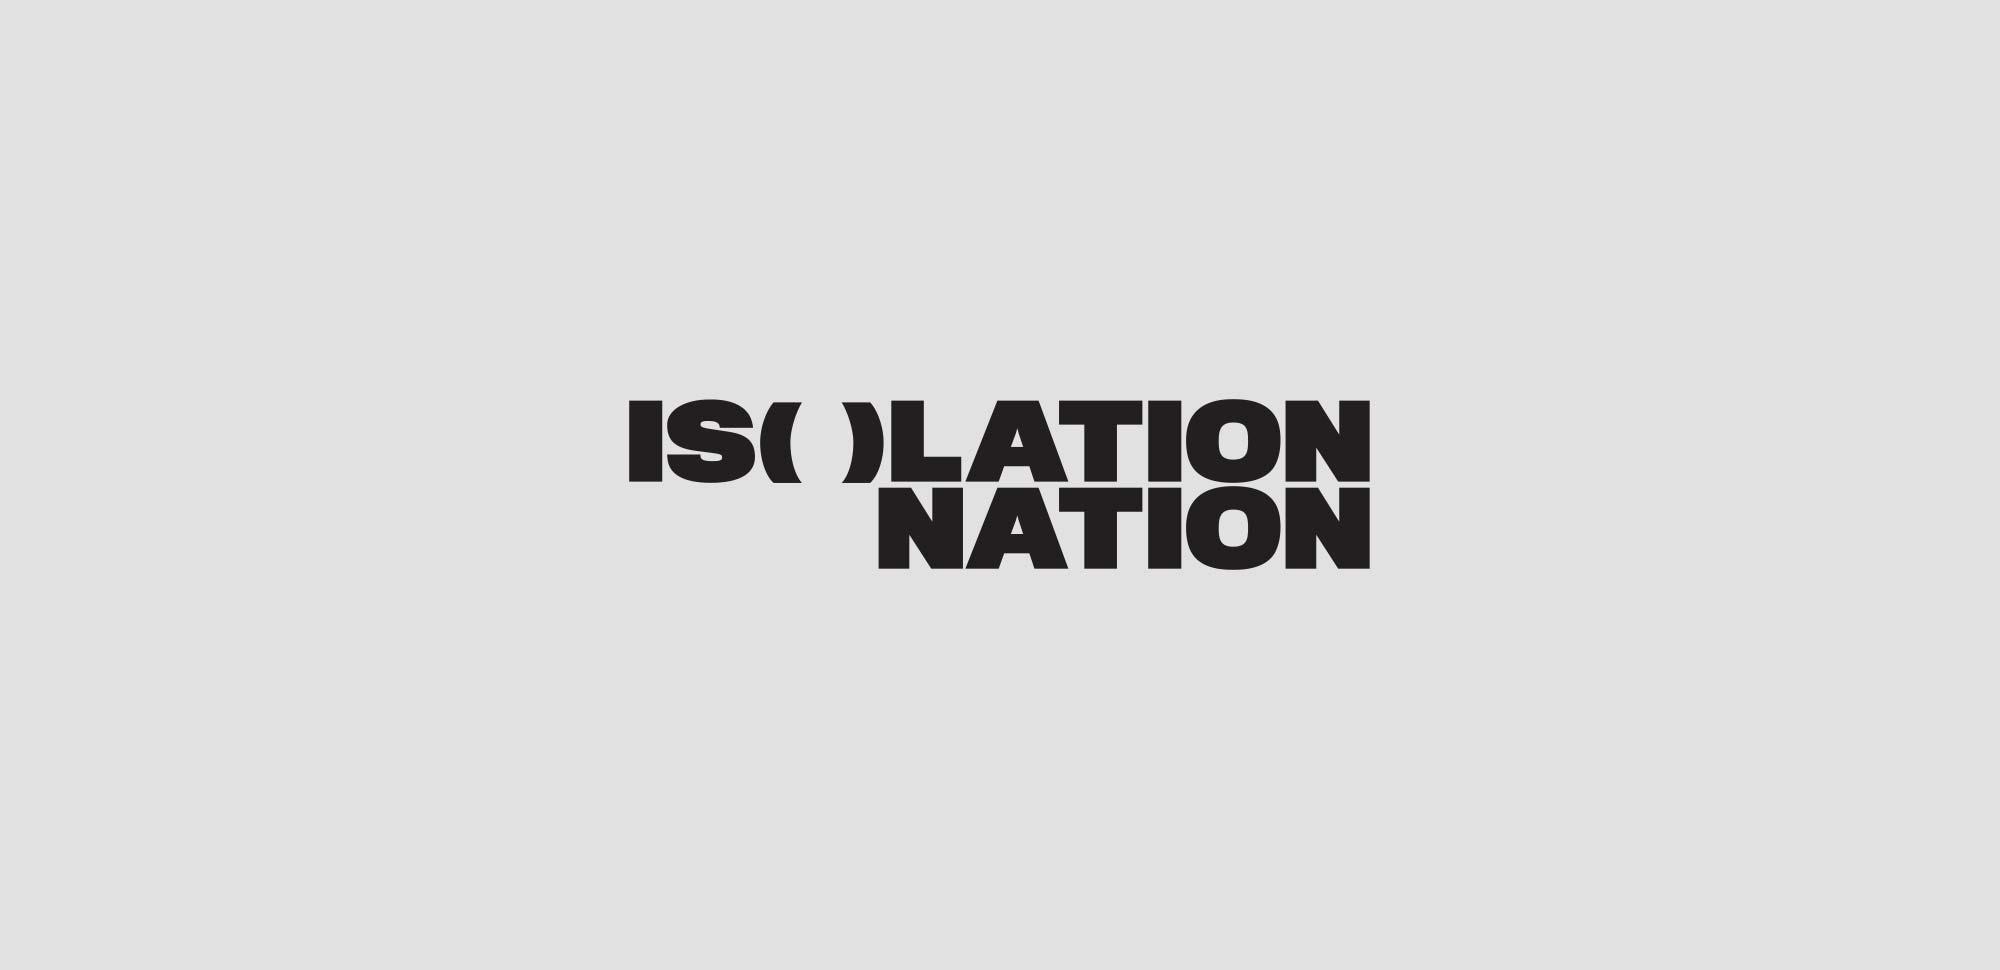 Isolation Nation Logo & Identity Design